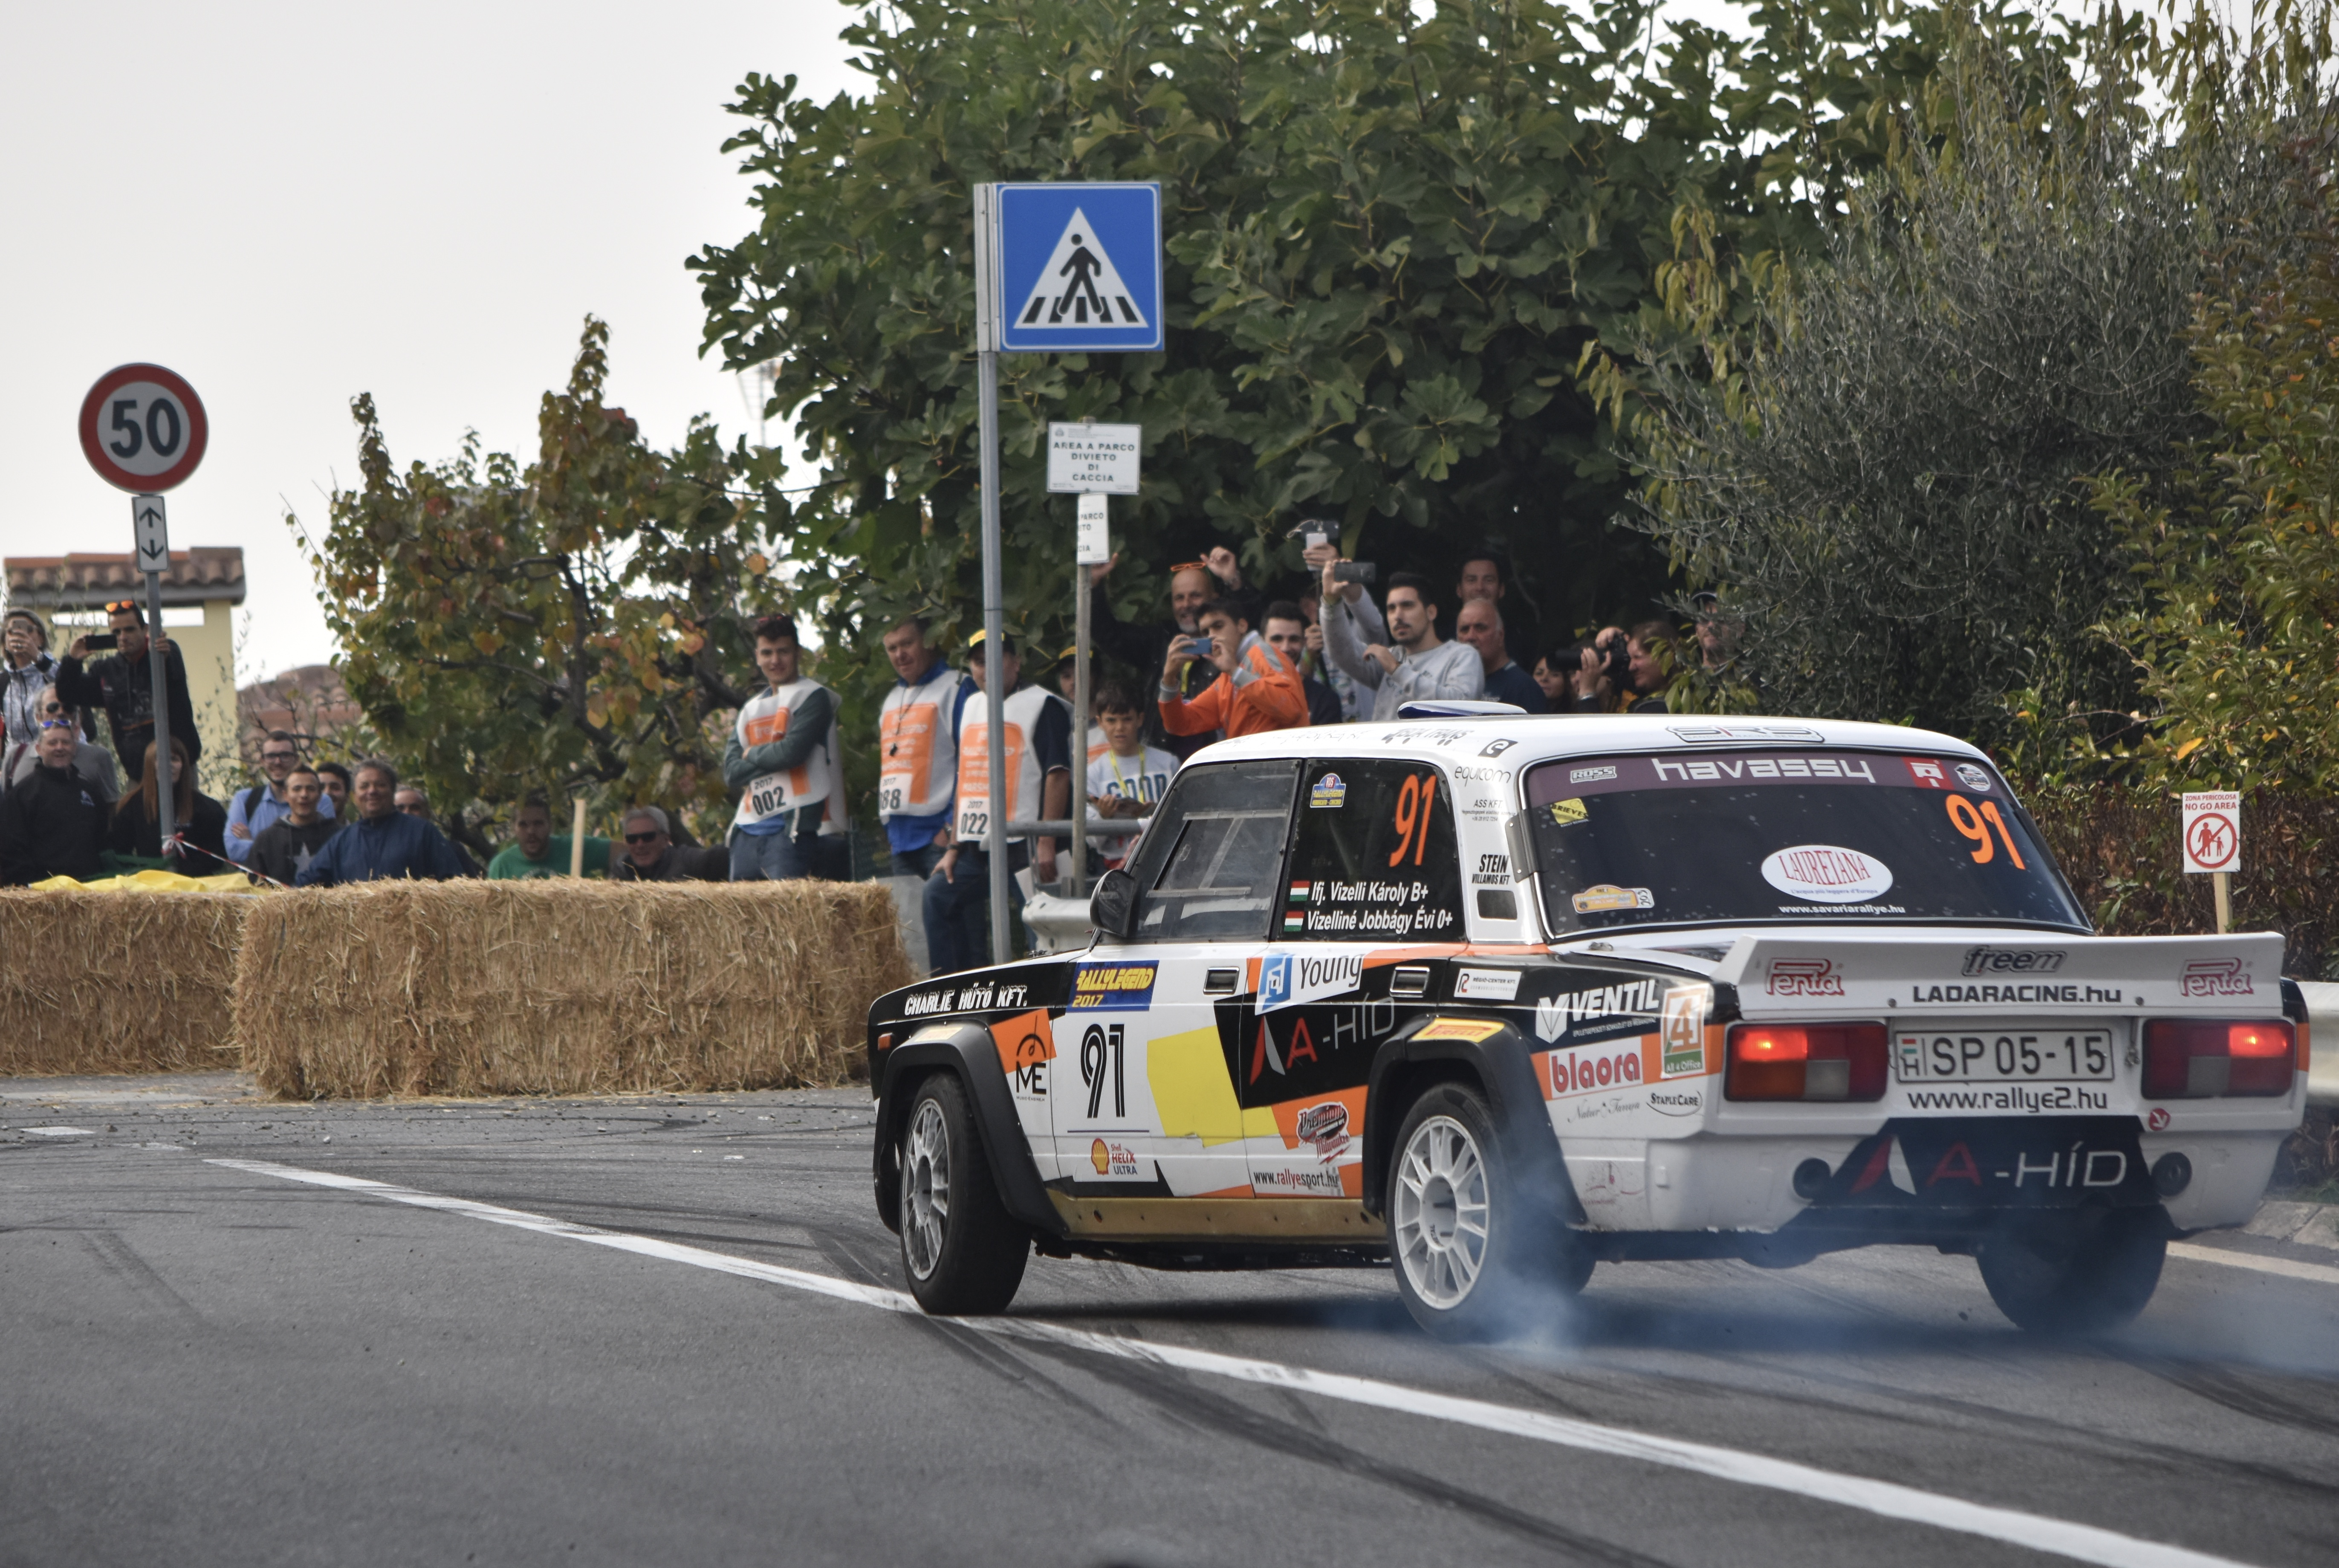 Rallylegend 2017